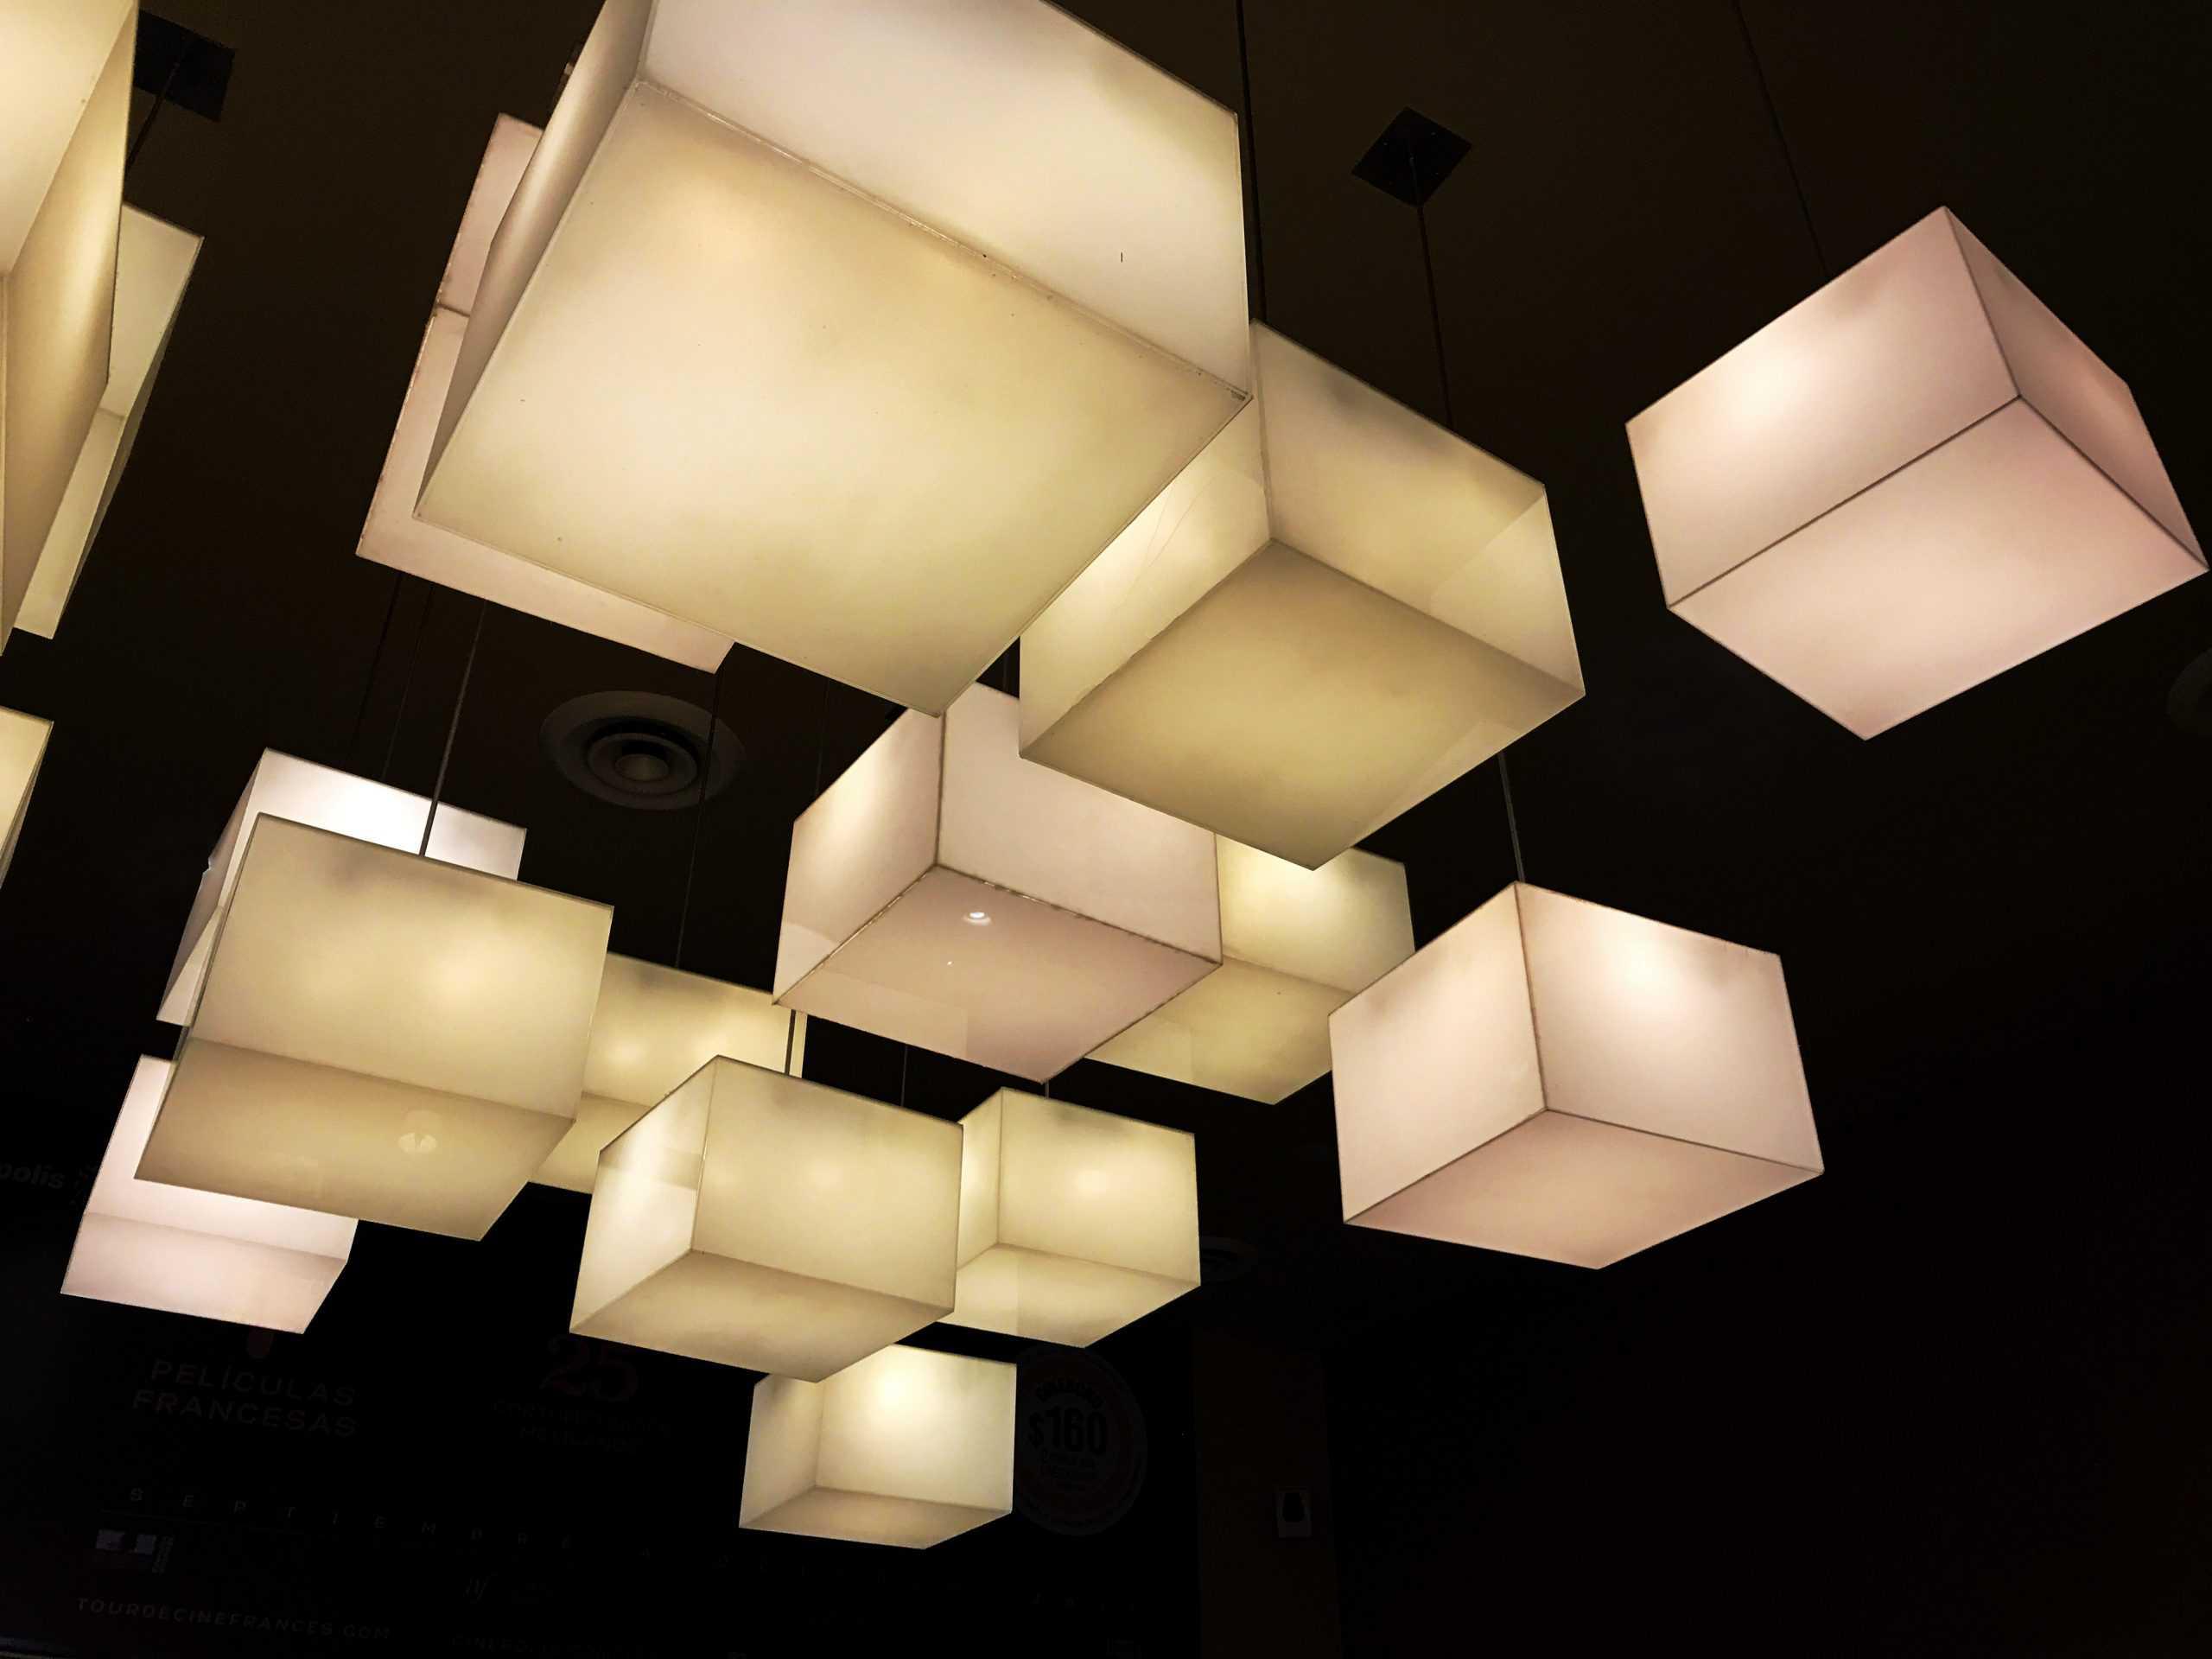 תאורה קוביות מעצבים ואדריכלים מובילים ישראל